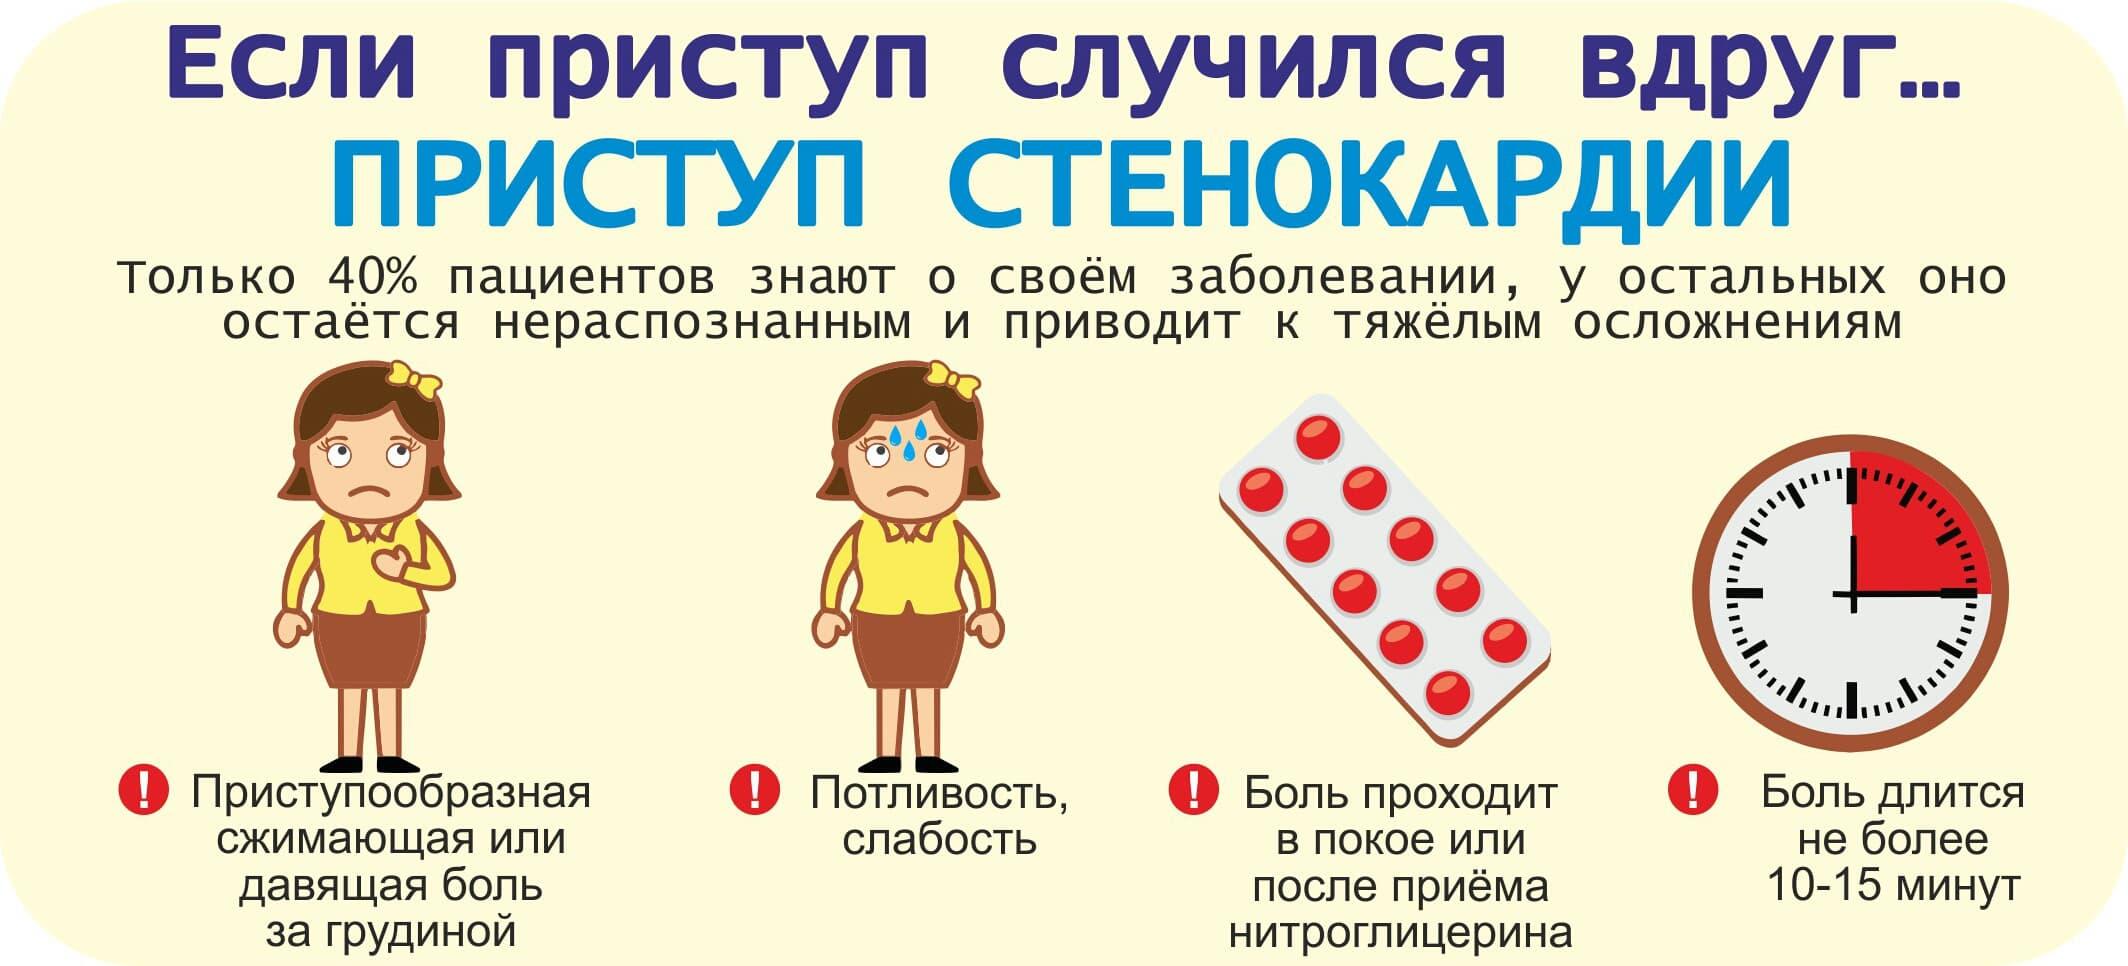 Первая помощь при стенокардии